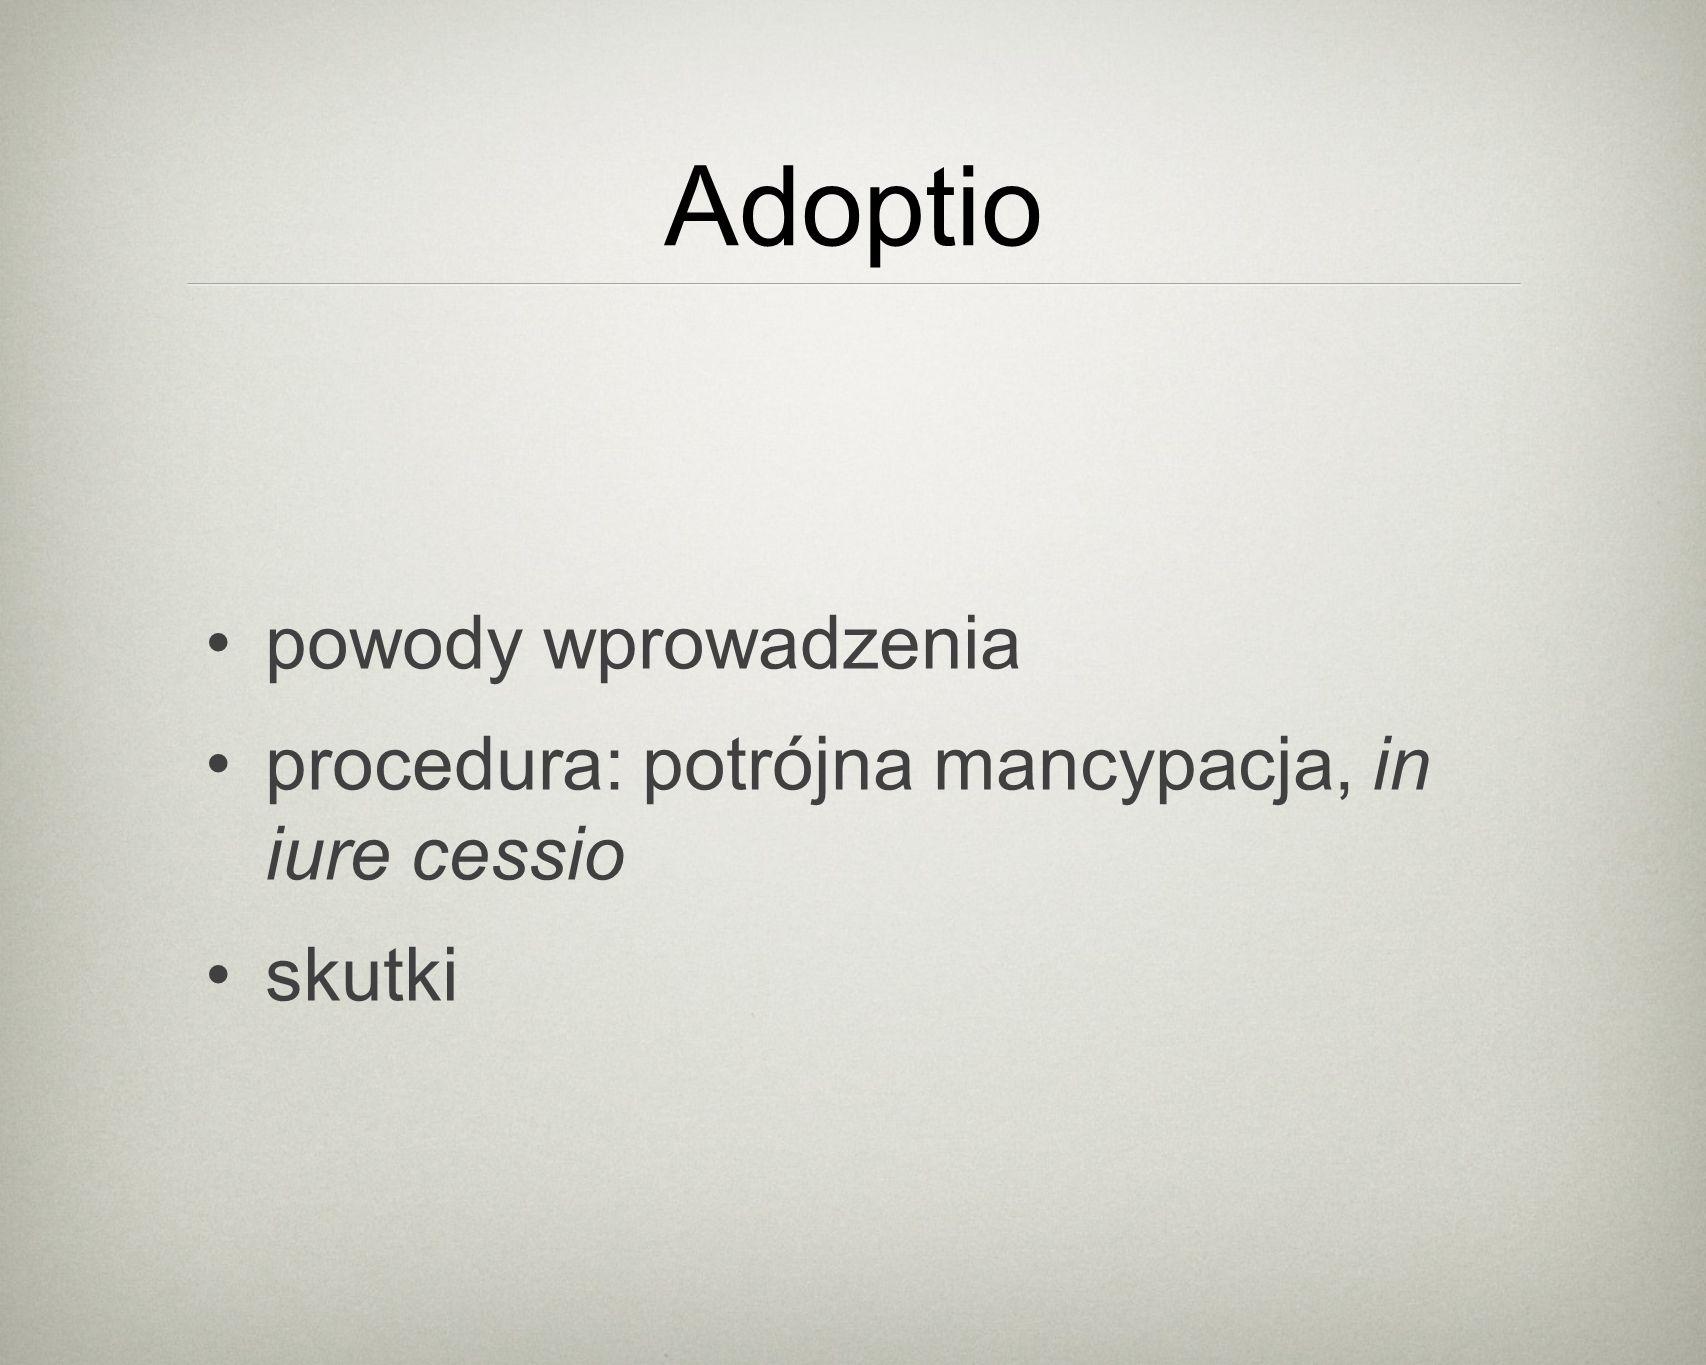 Adoptio powody wprowadzenia procedura: potrójna mancypacja, in iure cessio skutki